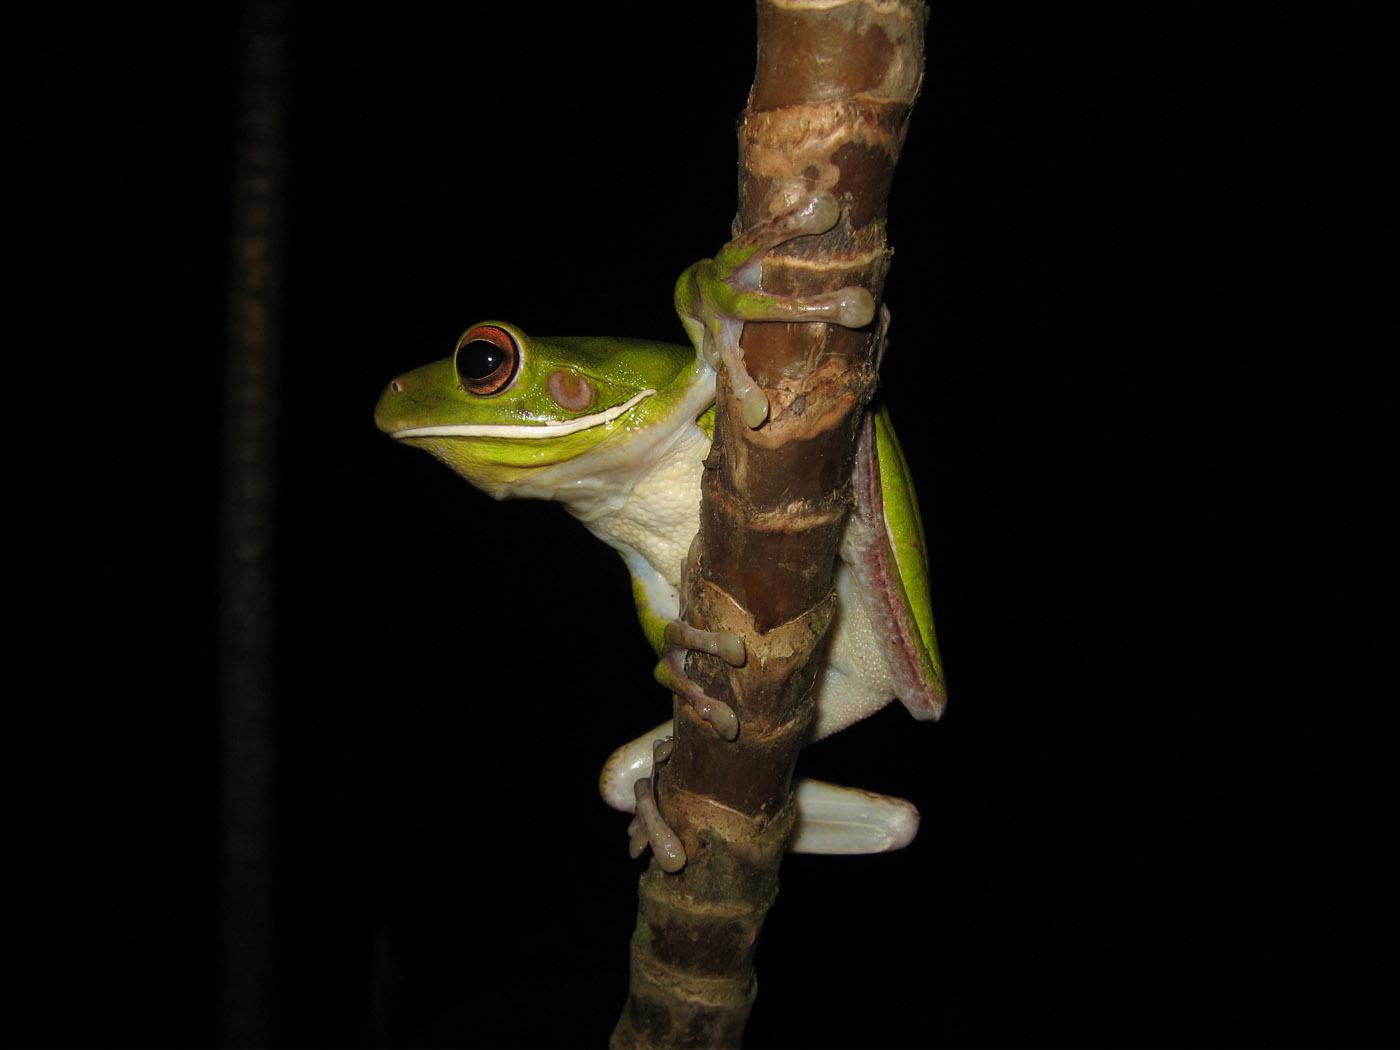 Litoria infrafrenata white lipped treefrog